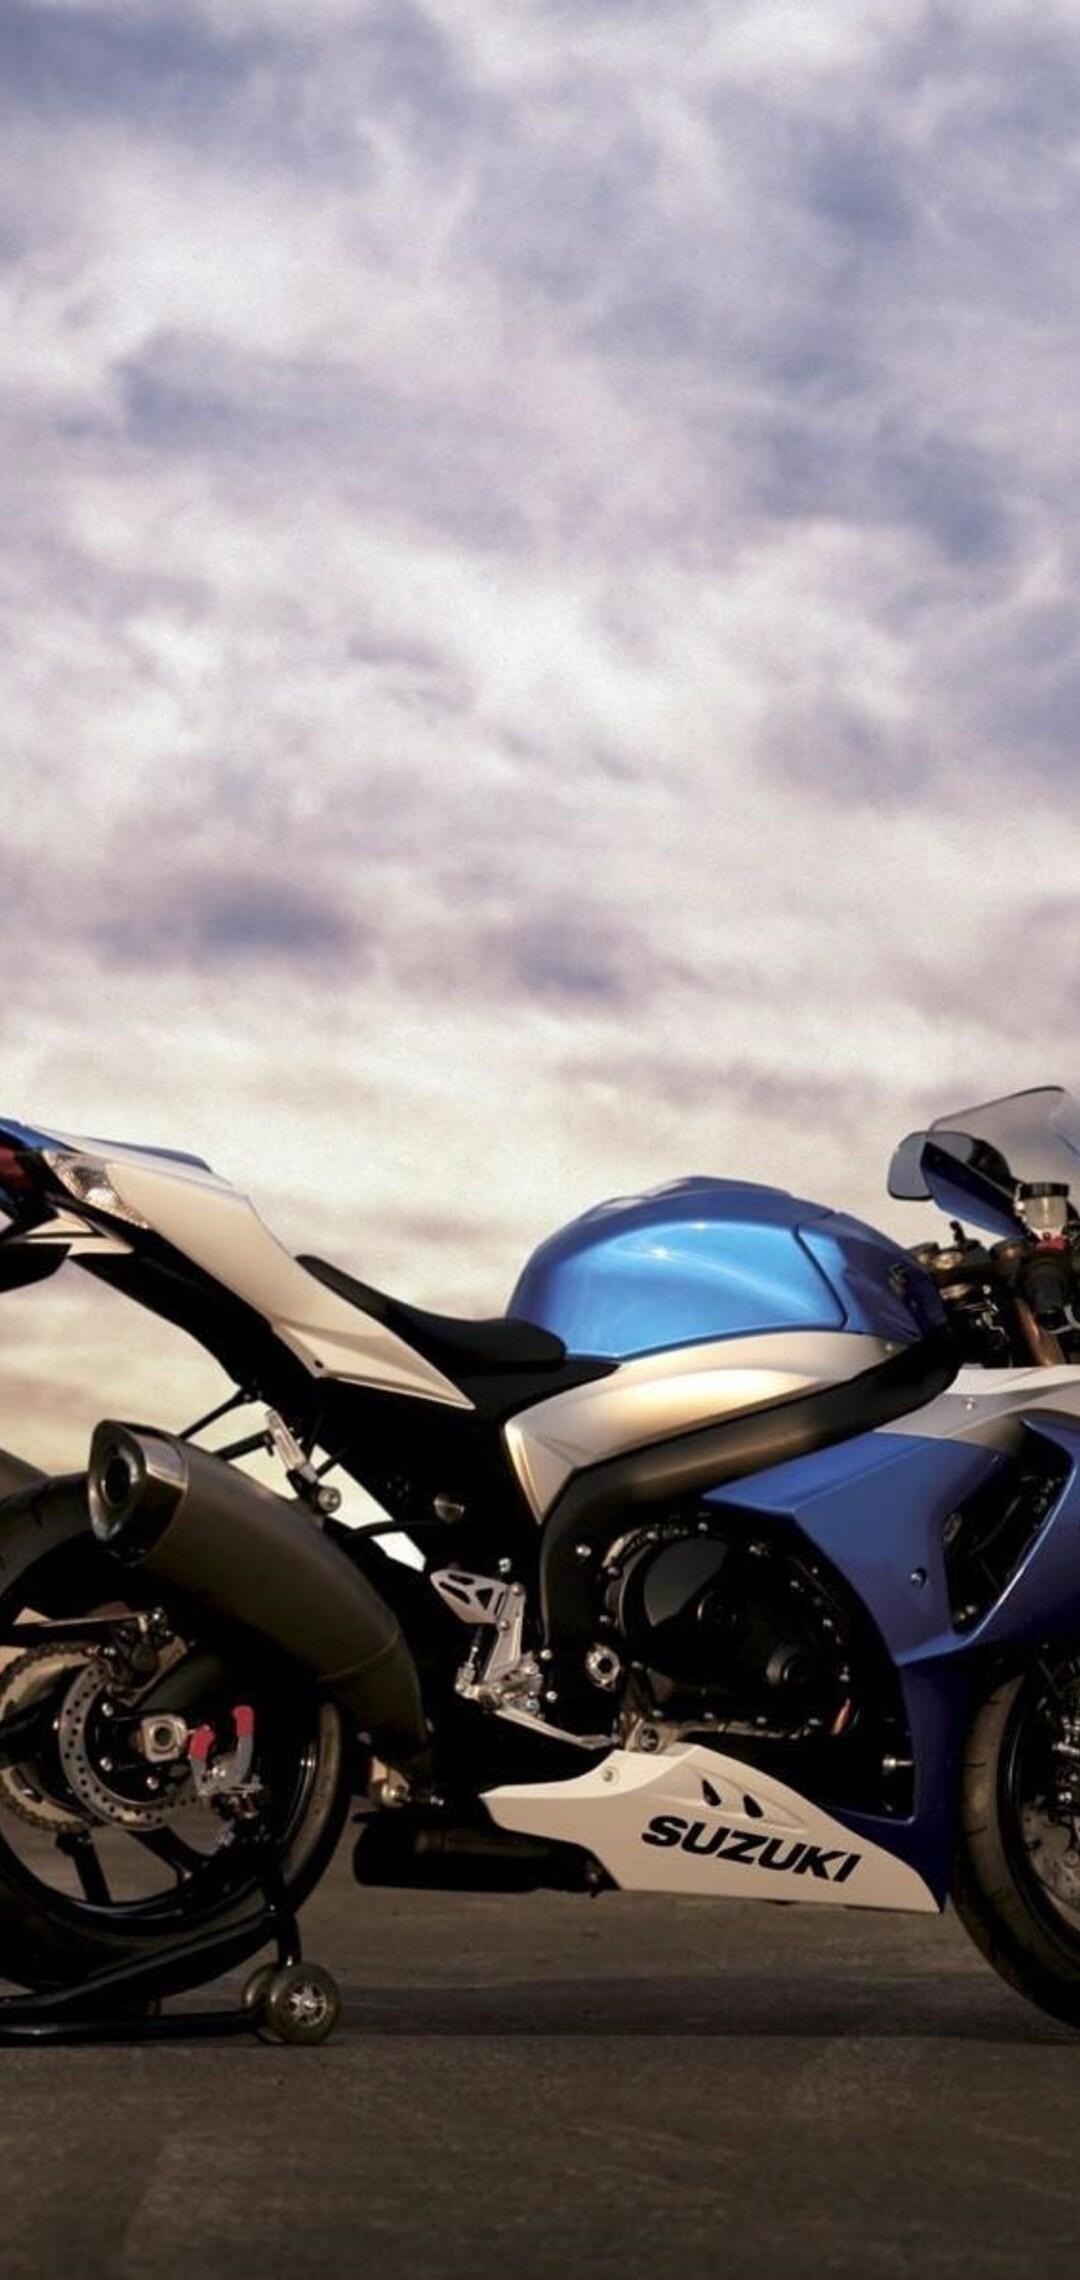 suzuki-gsx-r-bike-pic.jpg